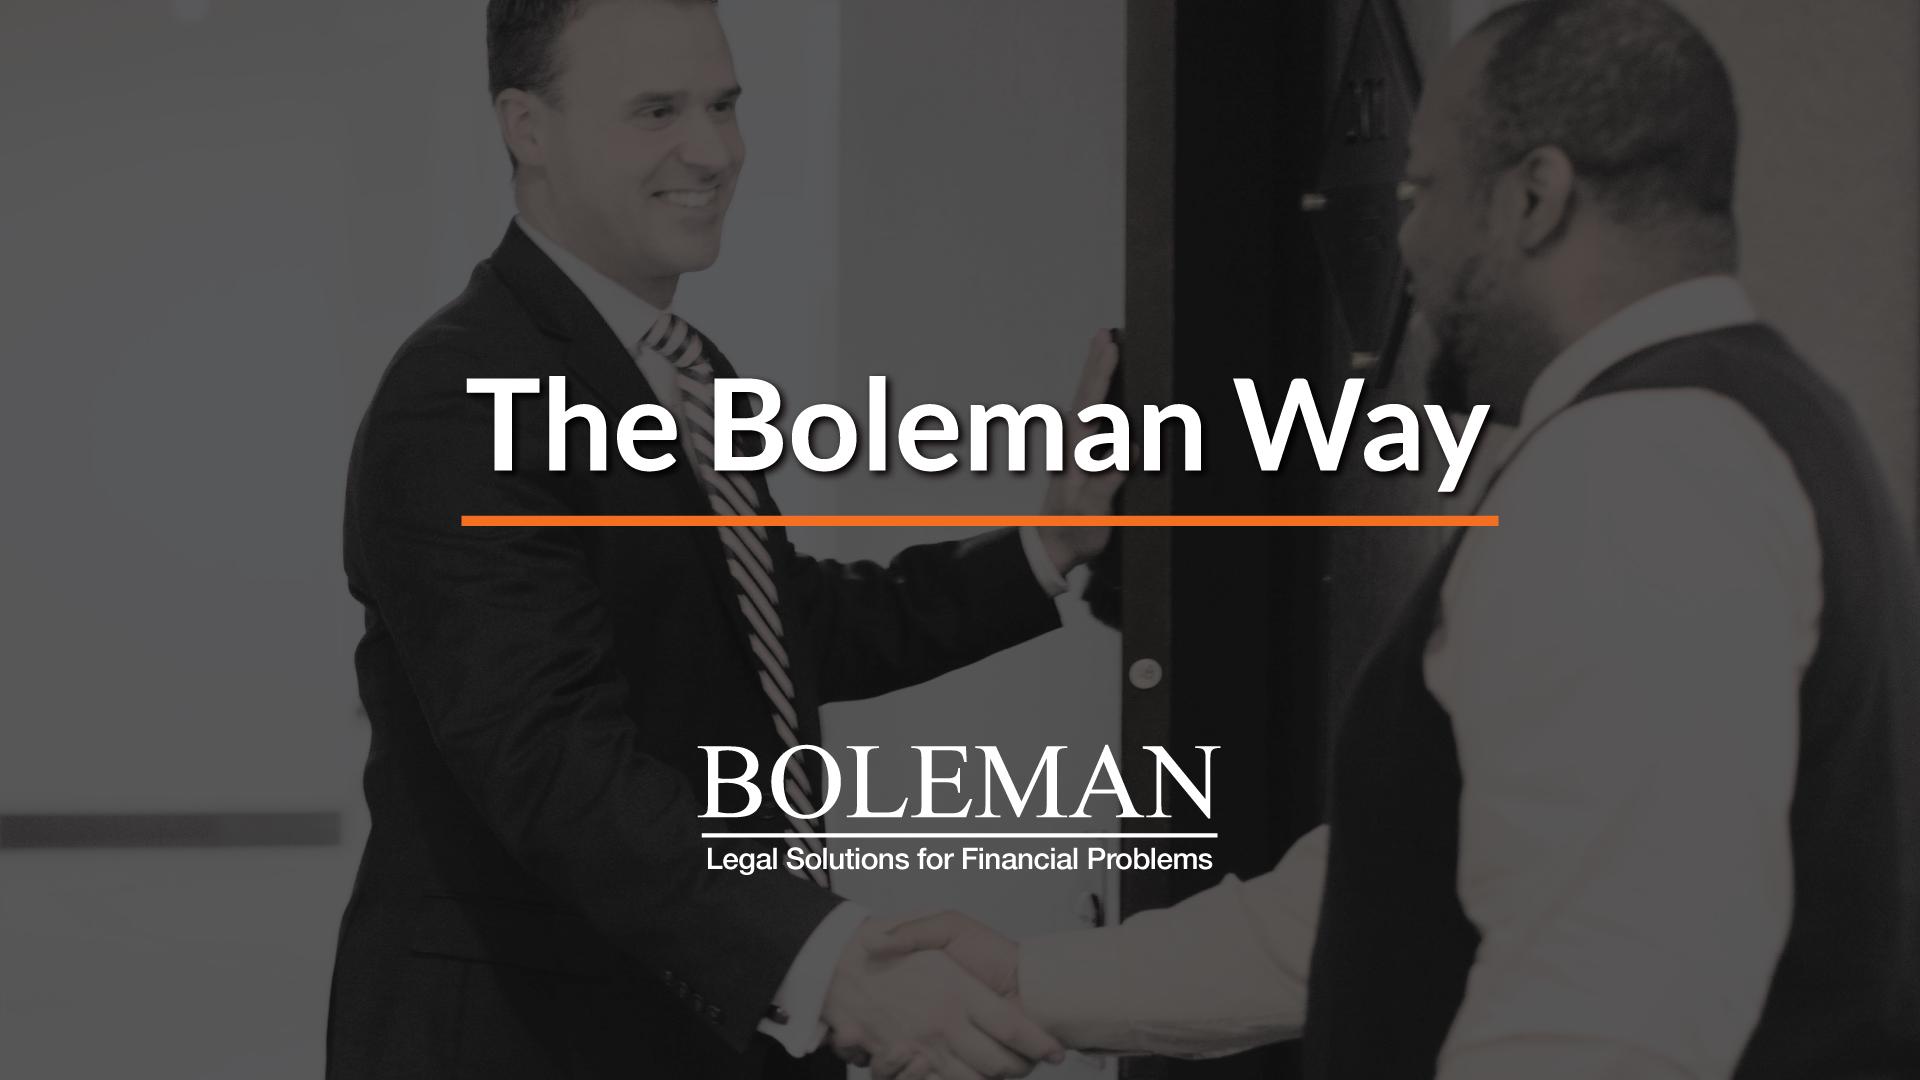 The Boleman Way